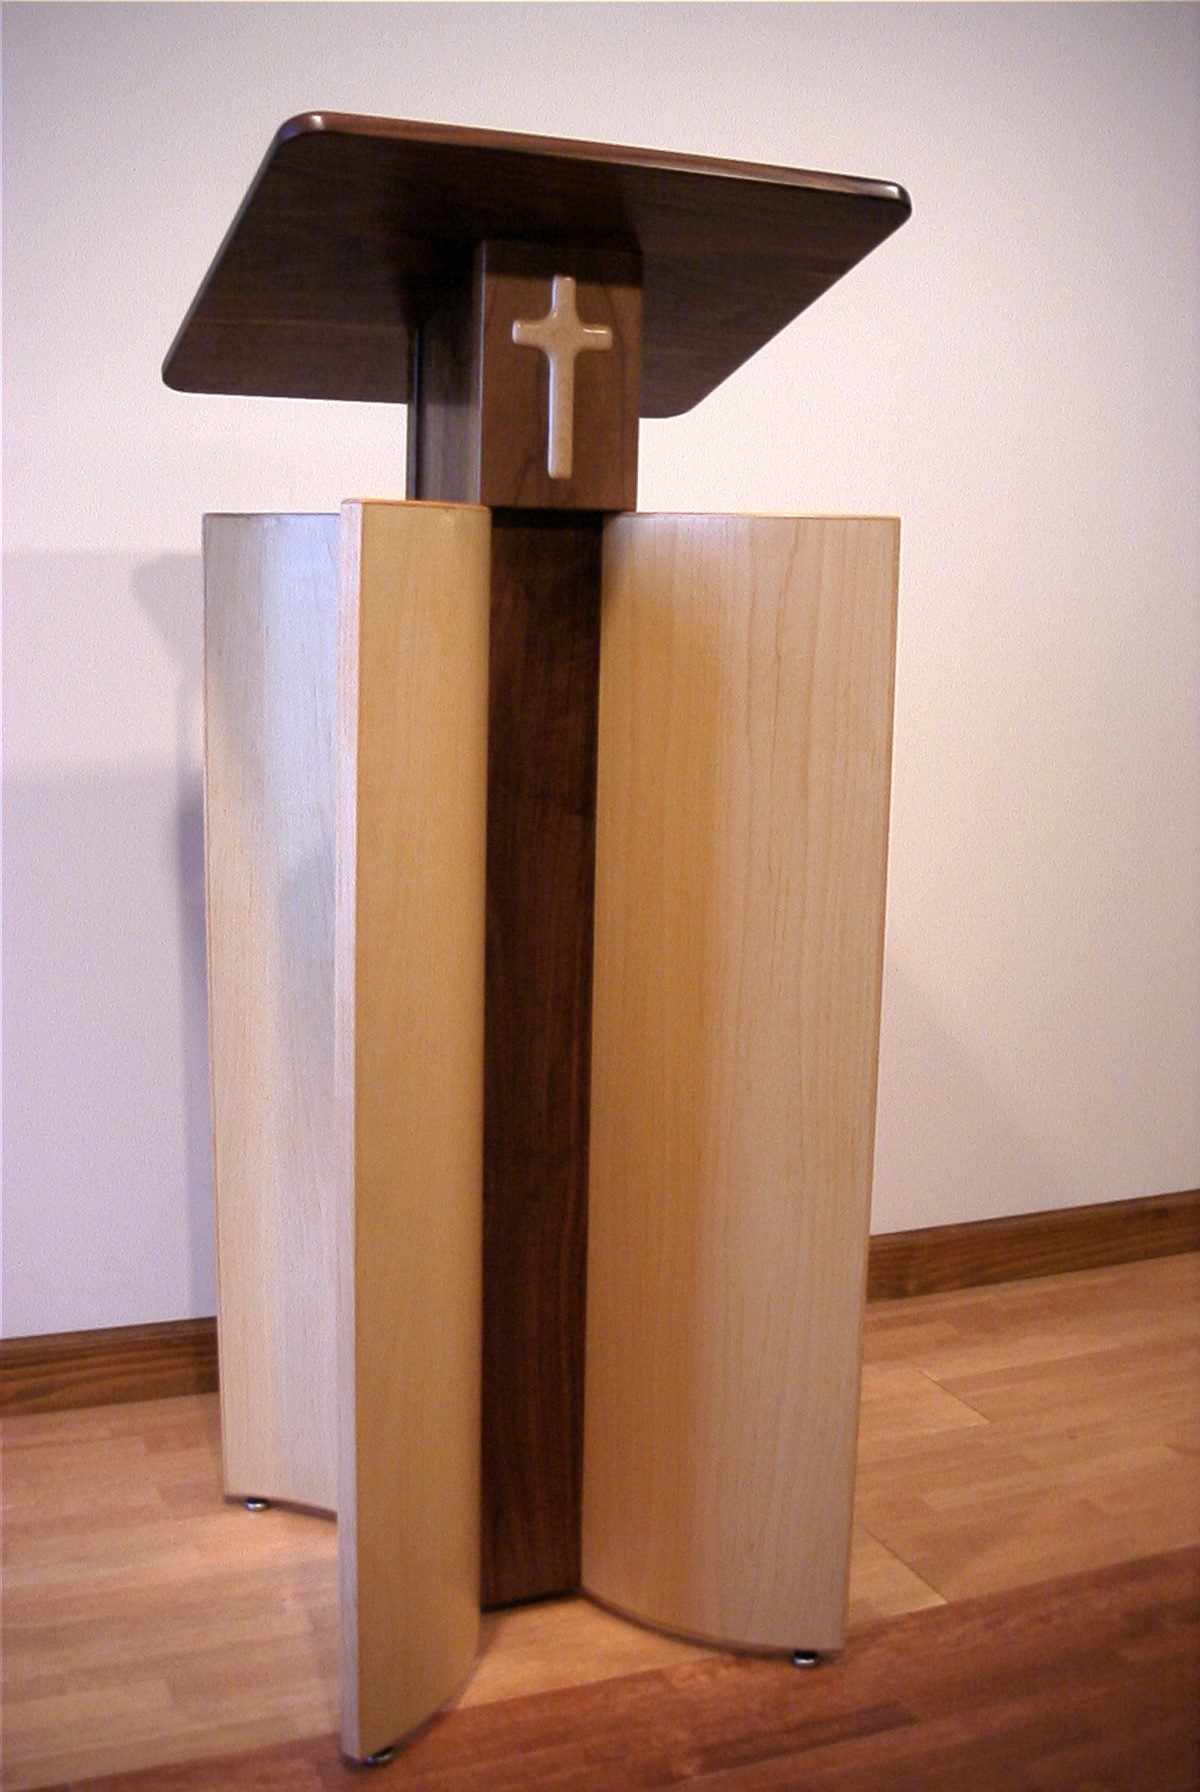 和歌山教会の聖書台